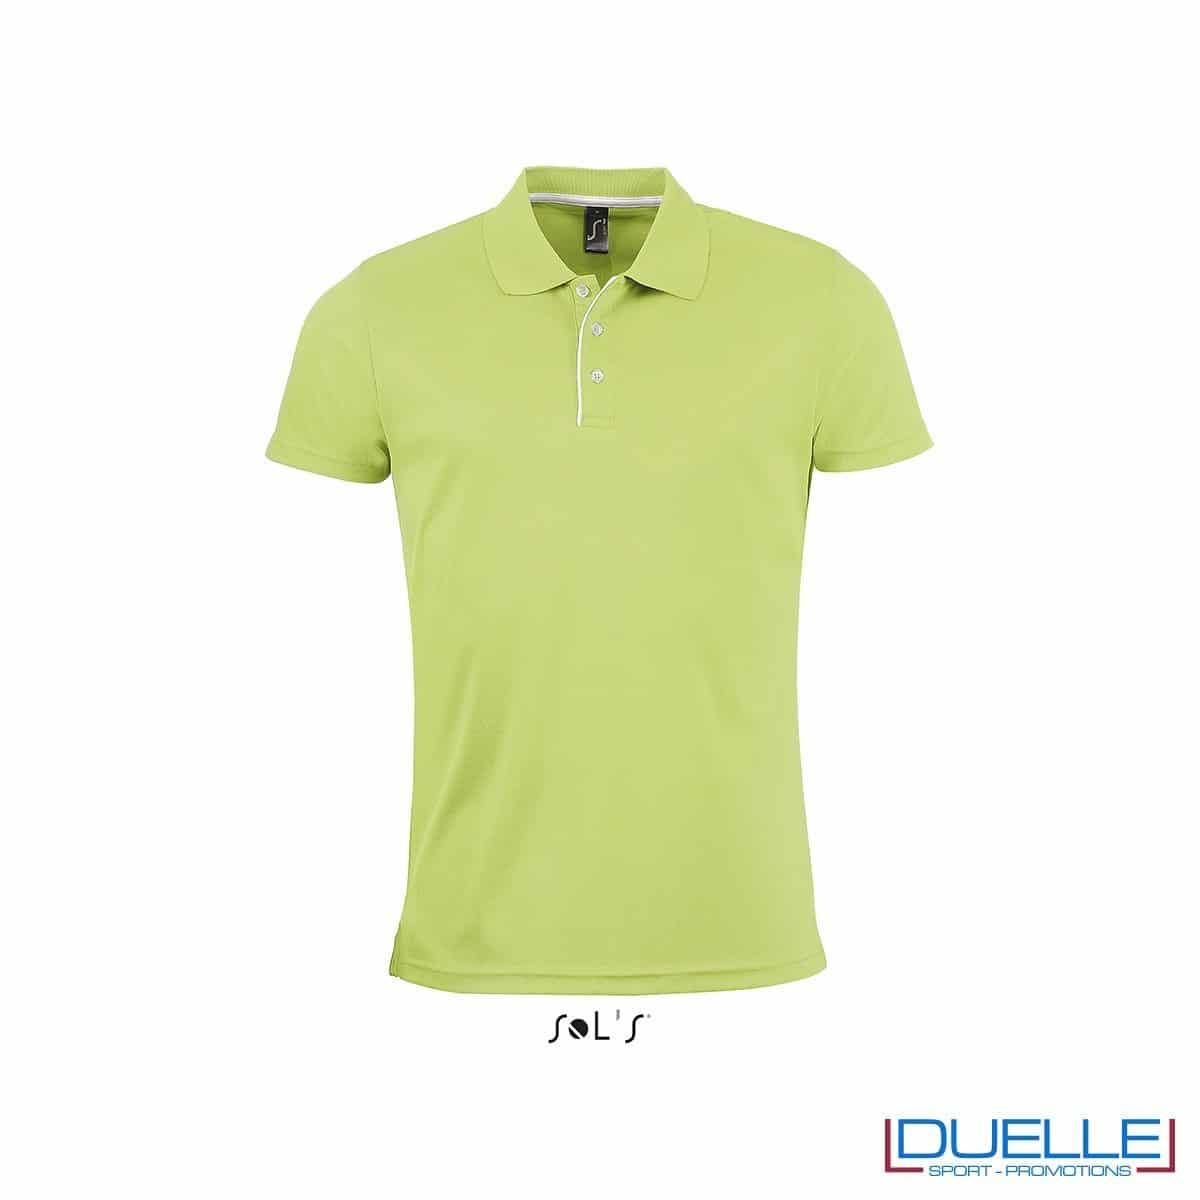 polo personalizzata sportiva in poliestere traspirante colore verde, polo personalizzata, abbigliamento sportivo personalizzato